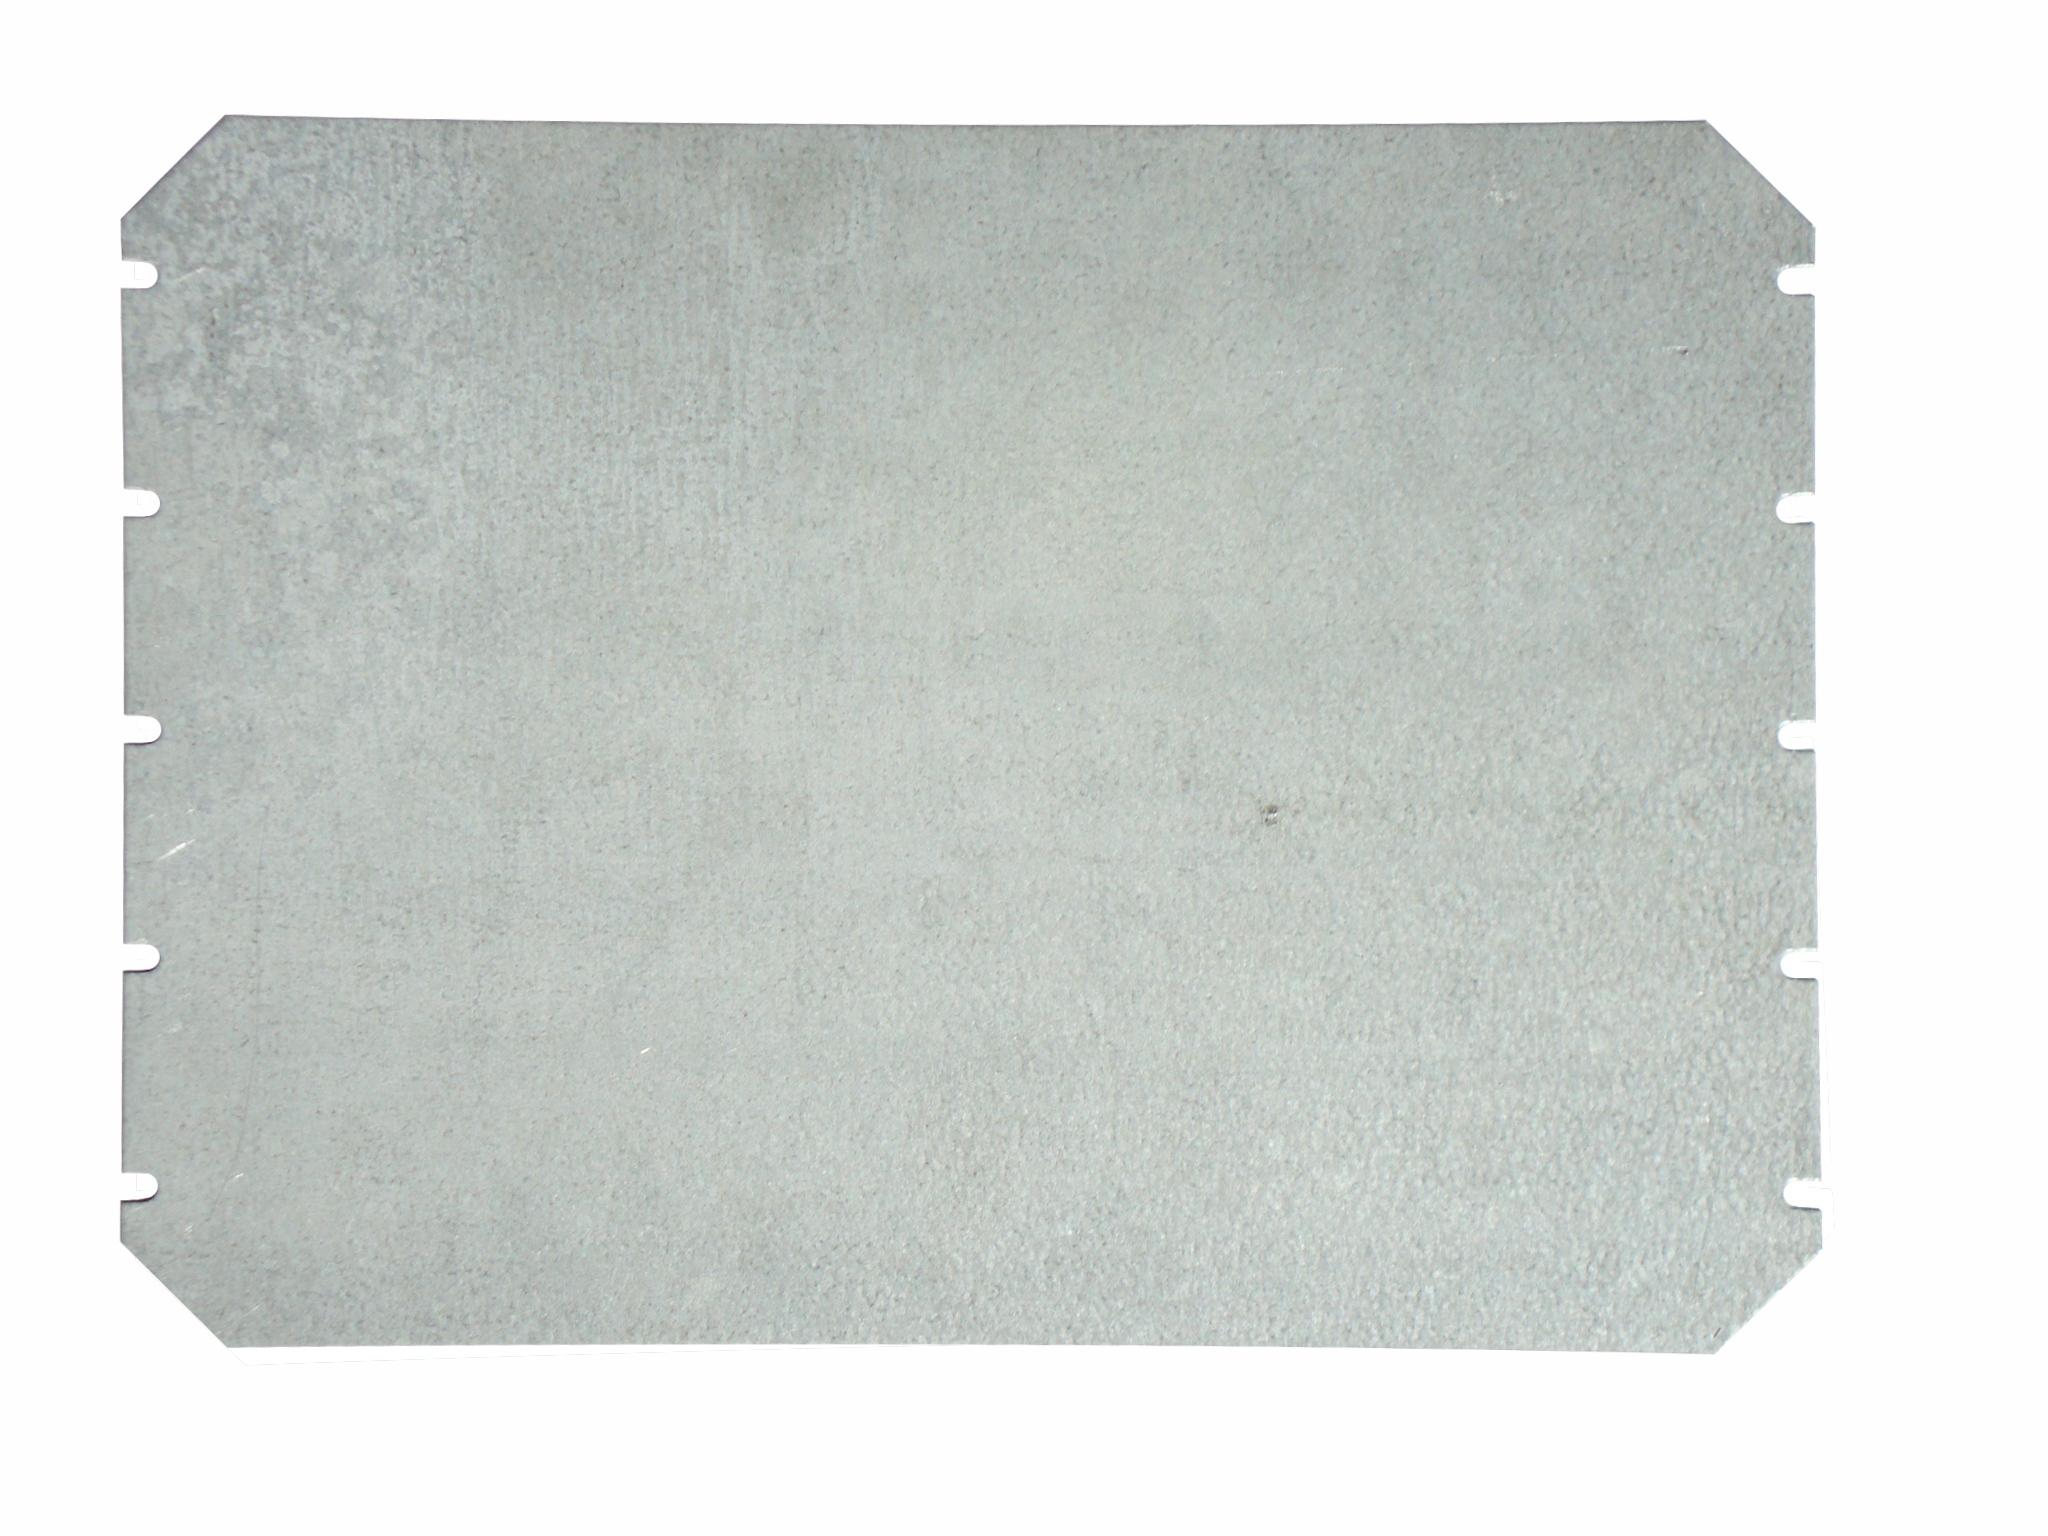 1 Stk Montageplatte 370x270x2mm passend zu IG706113-- IG706123--